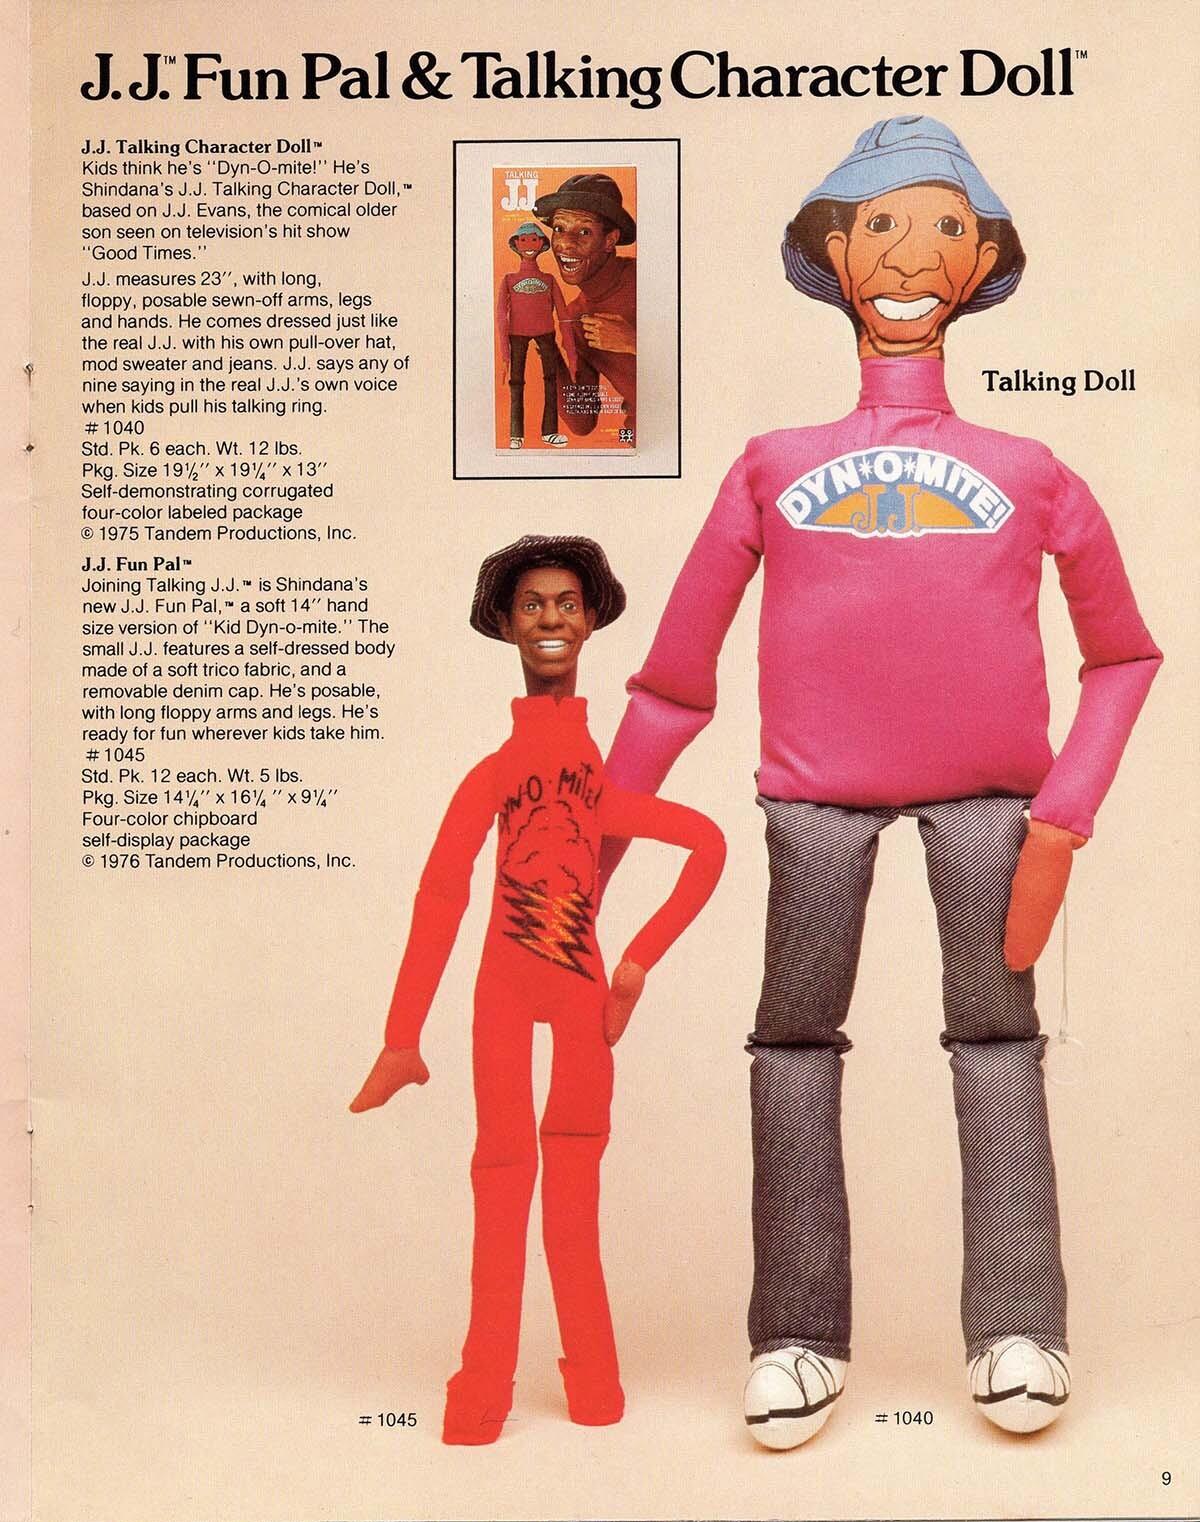 The J.J. Fun Pal & Talking Character Doll